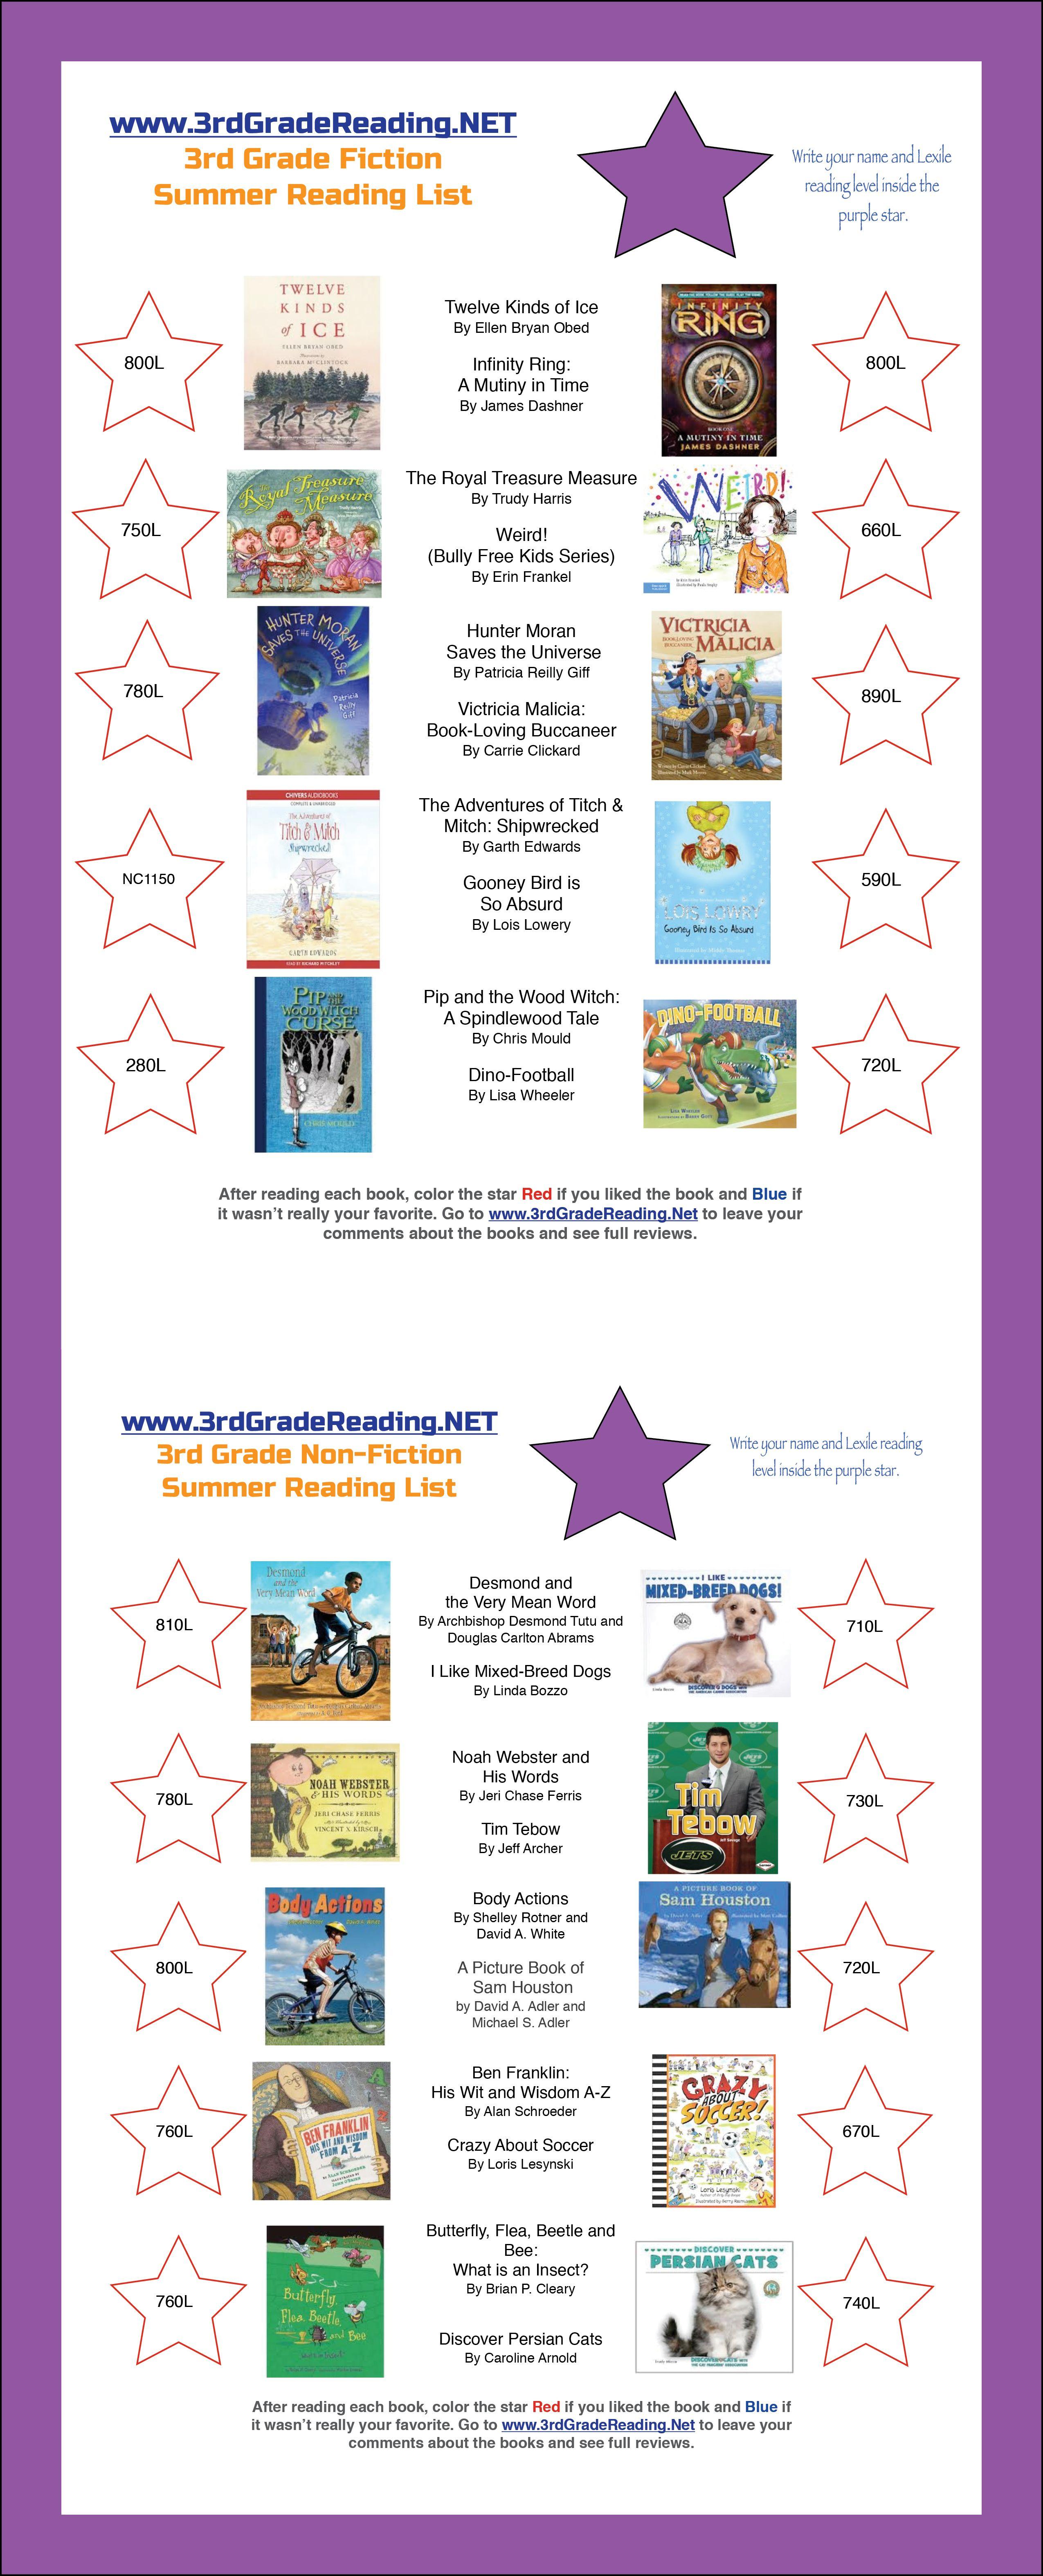 3rd Grade Summer Reading Lists From 3rdgradereading